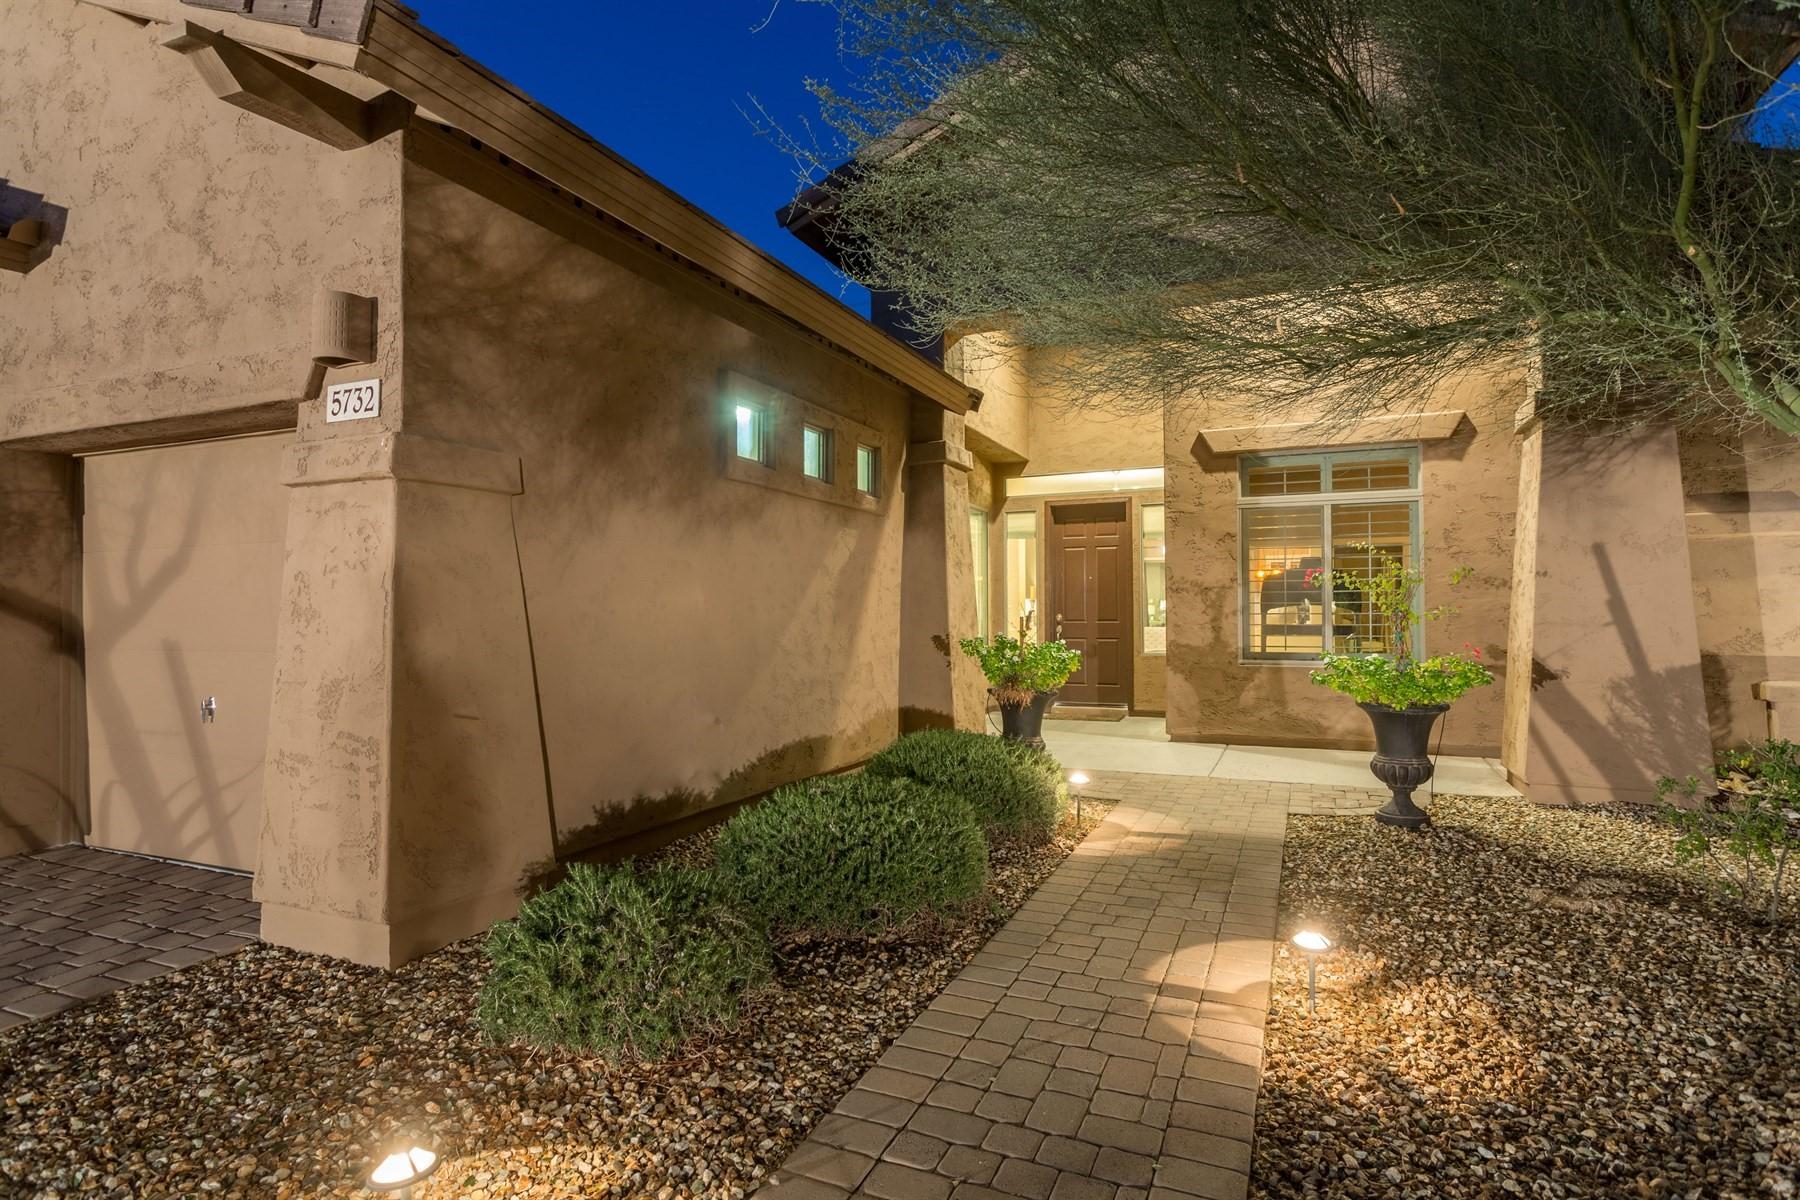 独户住宅 为 销售 在 Highly desirable home in Stetson Valley 5732 W Plum Rd 菲尼克斯(凤凰城), 亚利桑那州, 85083 美国